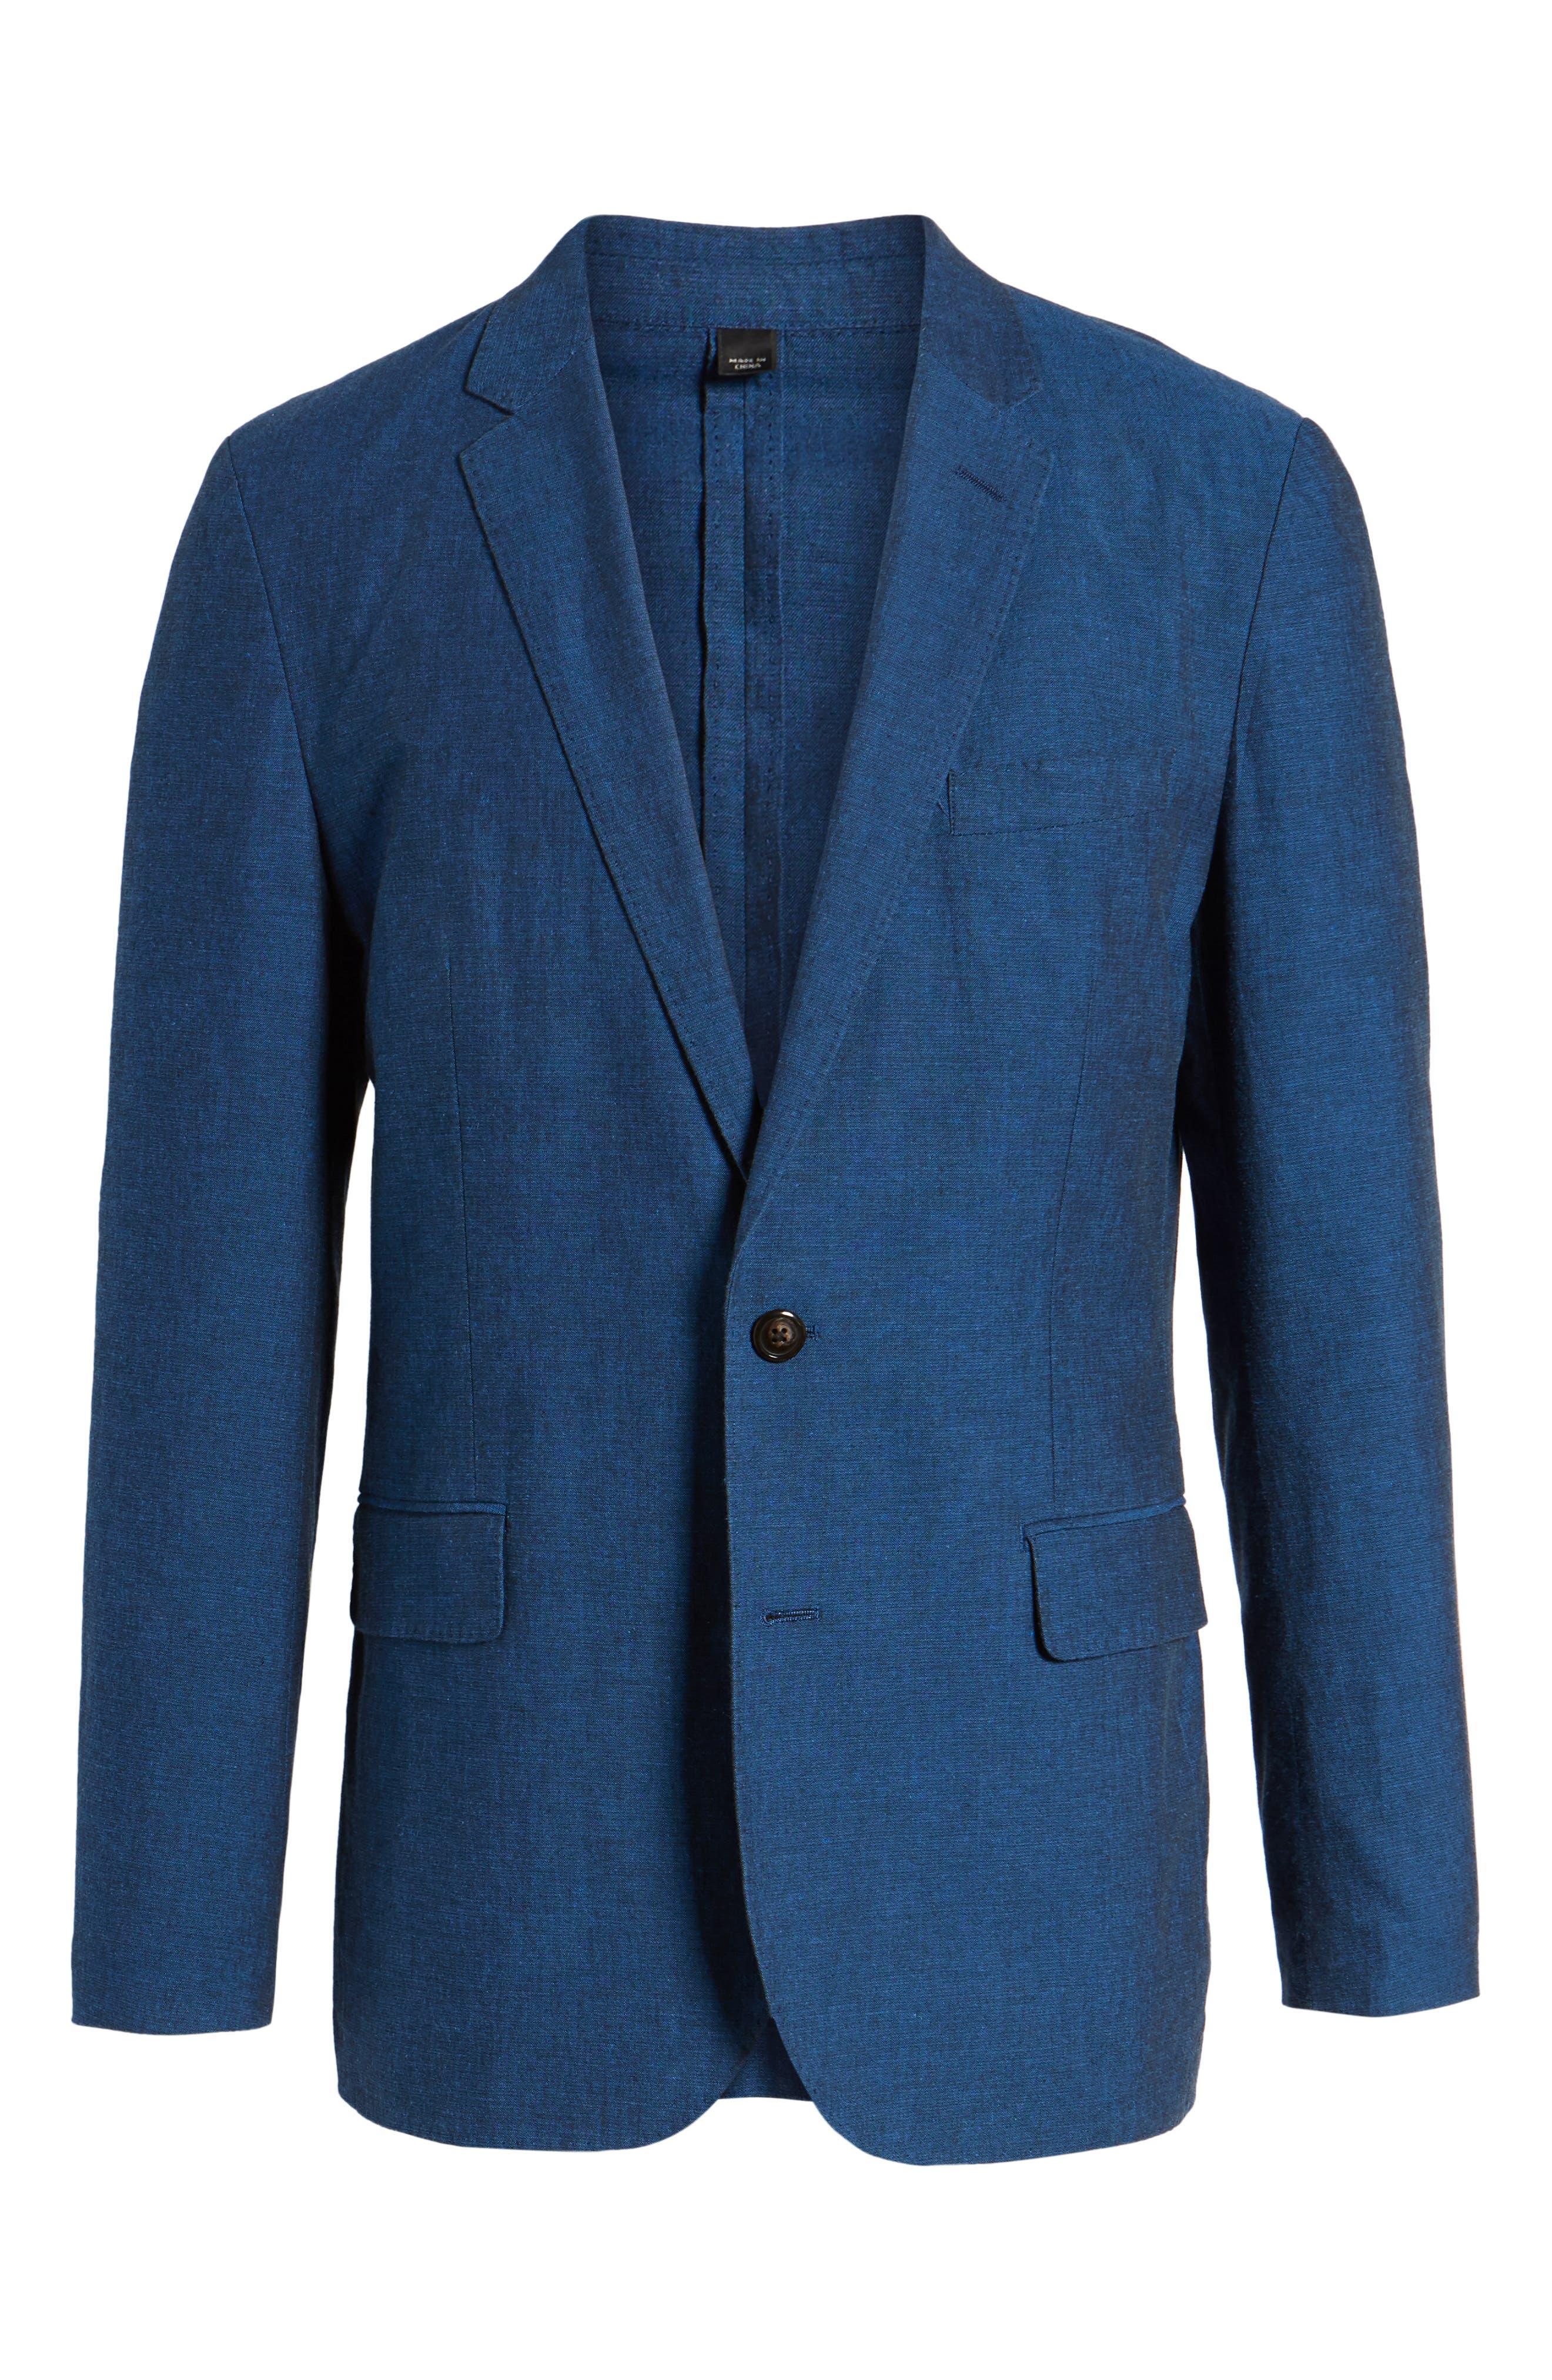 Ludlow Cotton & Linen Blazer,                             Alternate thumbnail 5, color,                             400